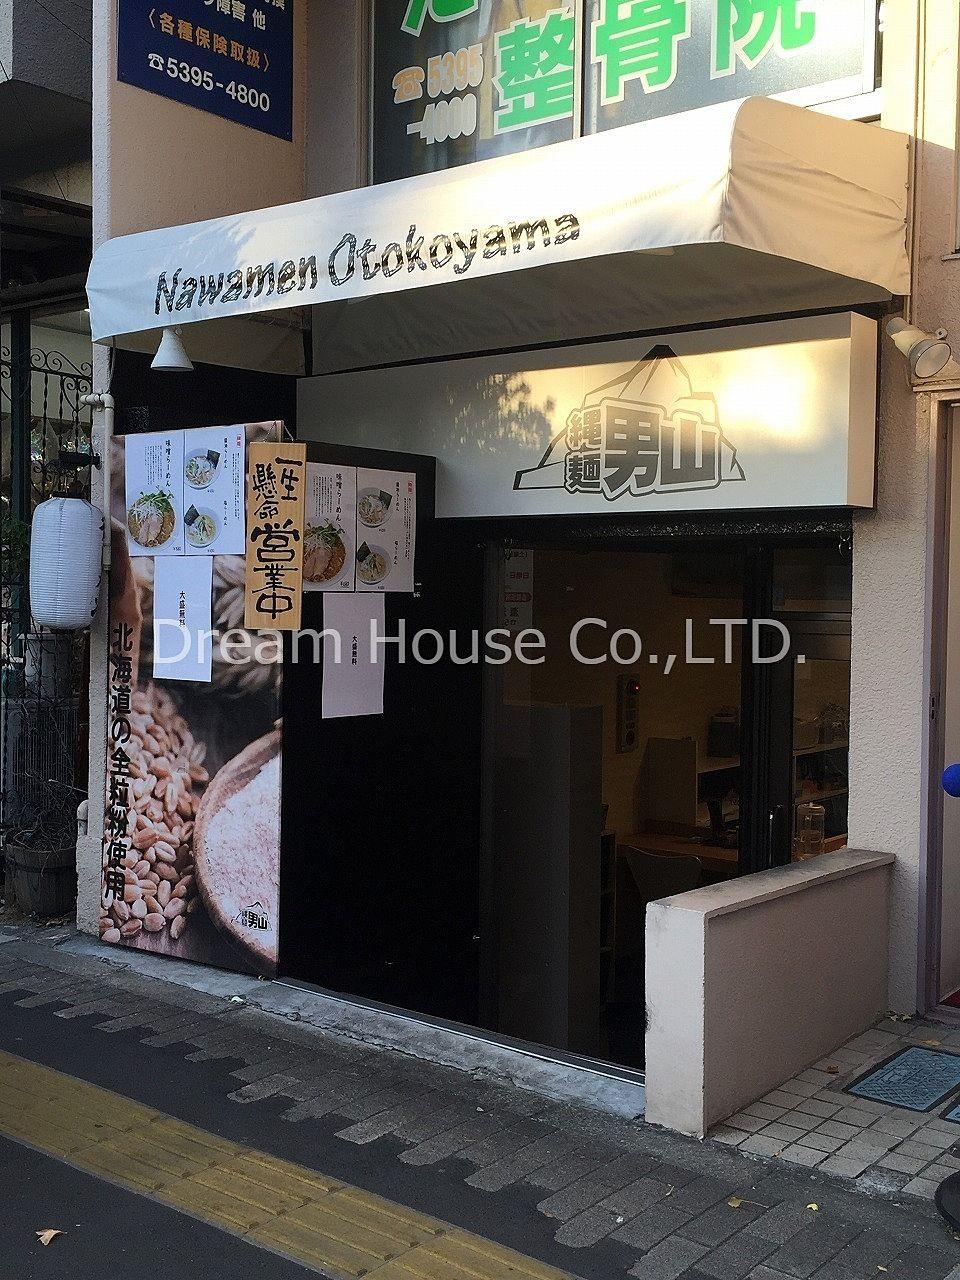 東洋大学周辺がラーメン競合店が増えています。東洋大学前には縄面男山本駒込店と横浜家系ラーメン武蔵家さんが出店しています。